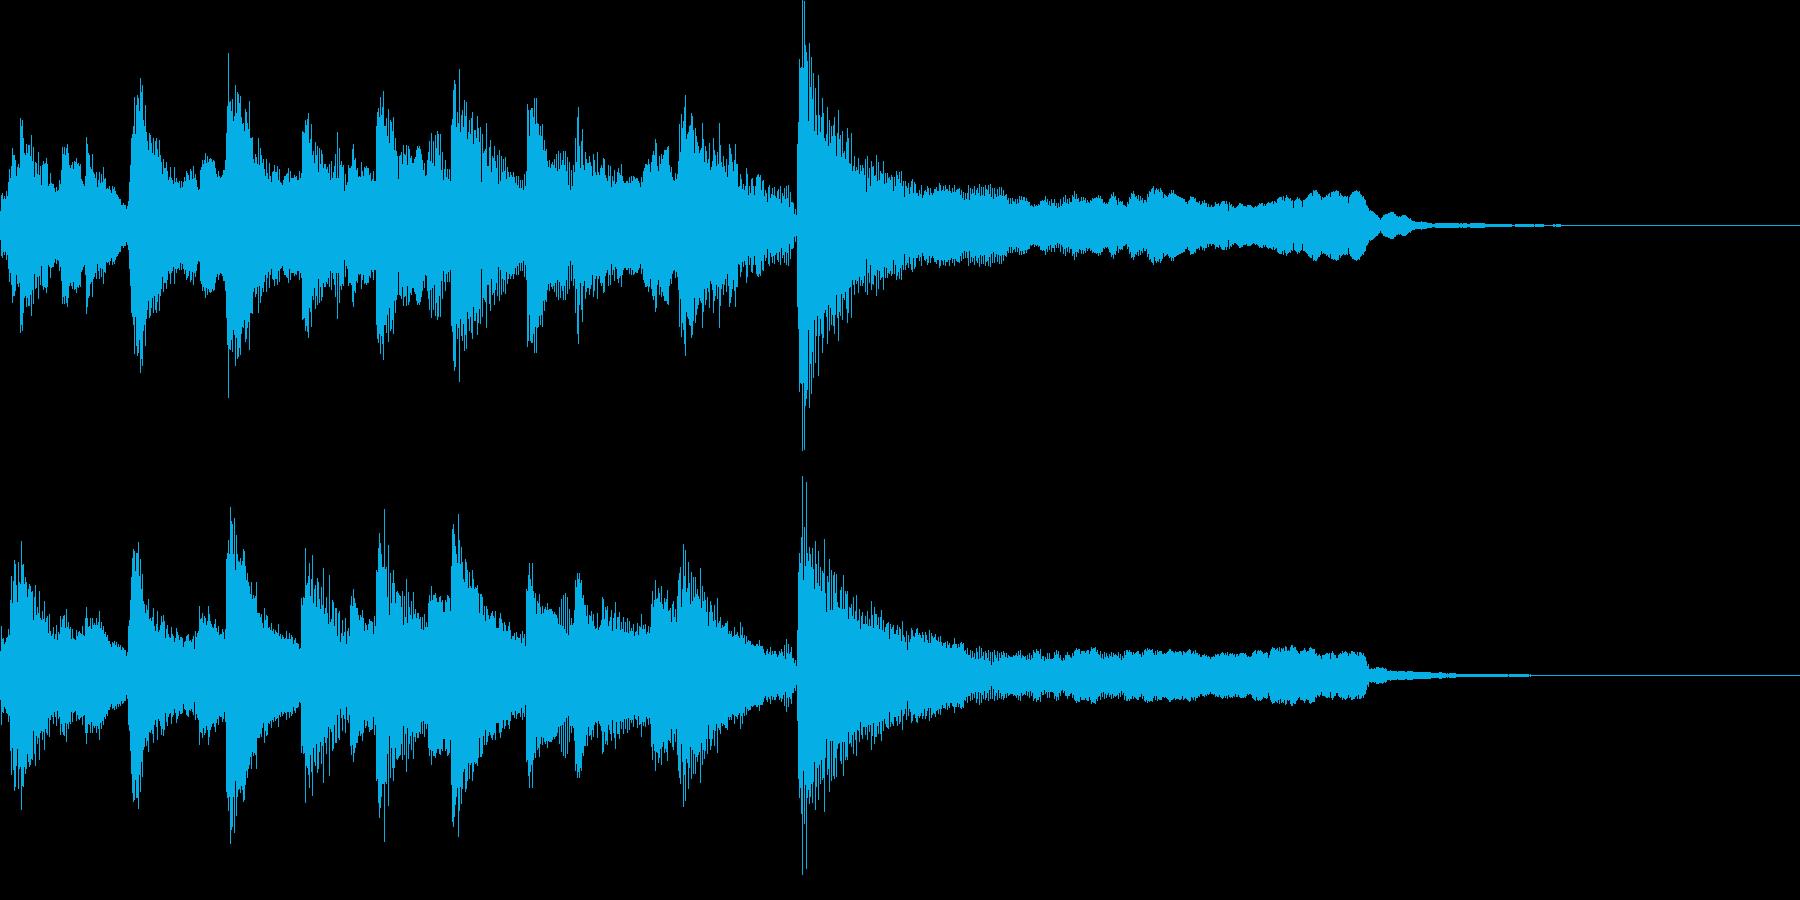 優しいオケ CM ジングル サウンドロゴの再生済みの波形